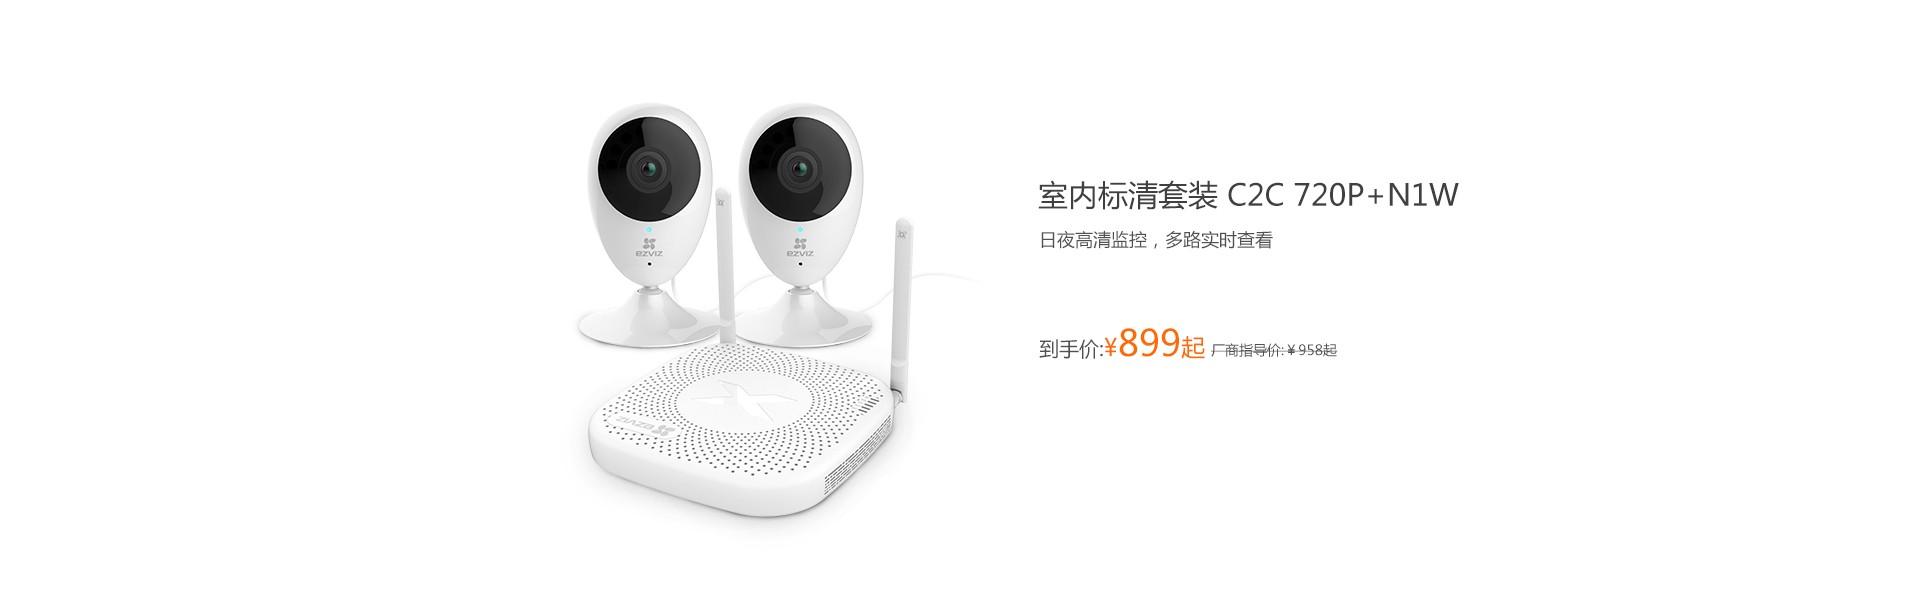 C2C-720P+N1W商铺高清套装.jpg